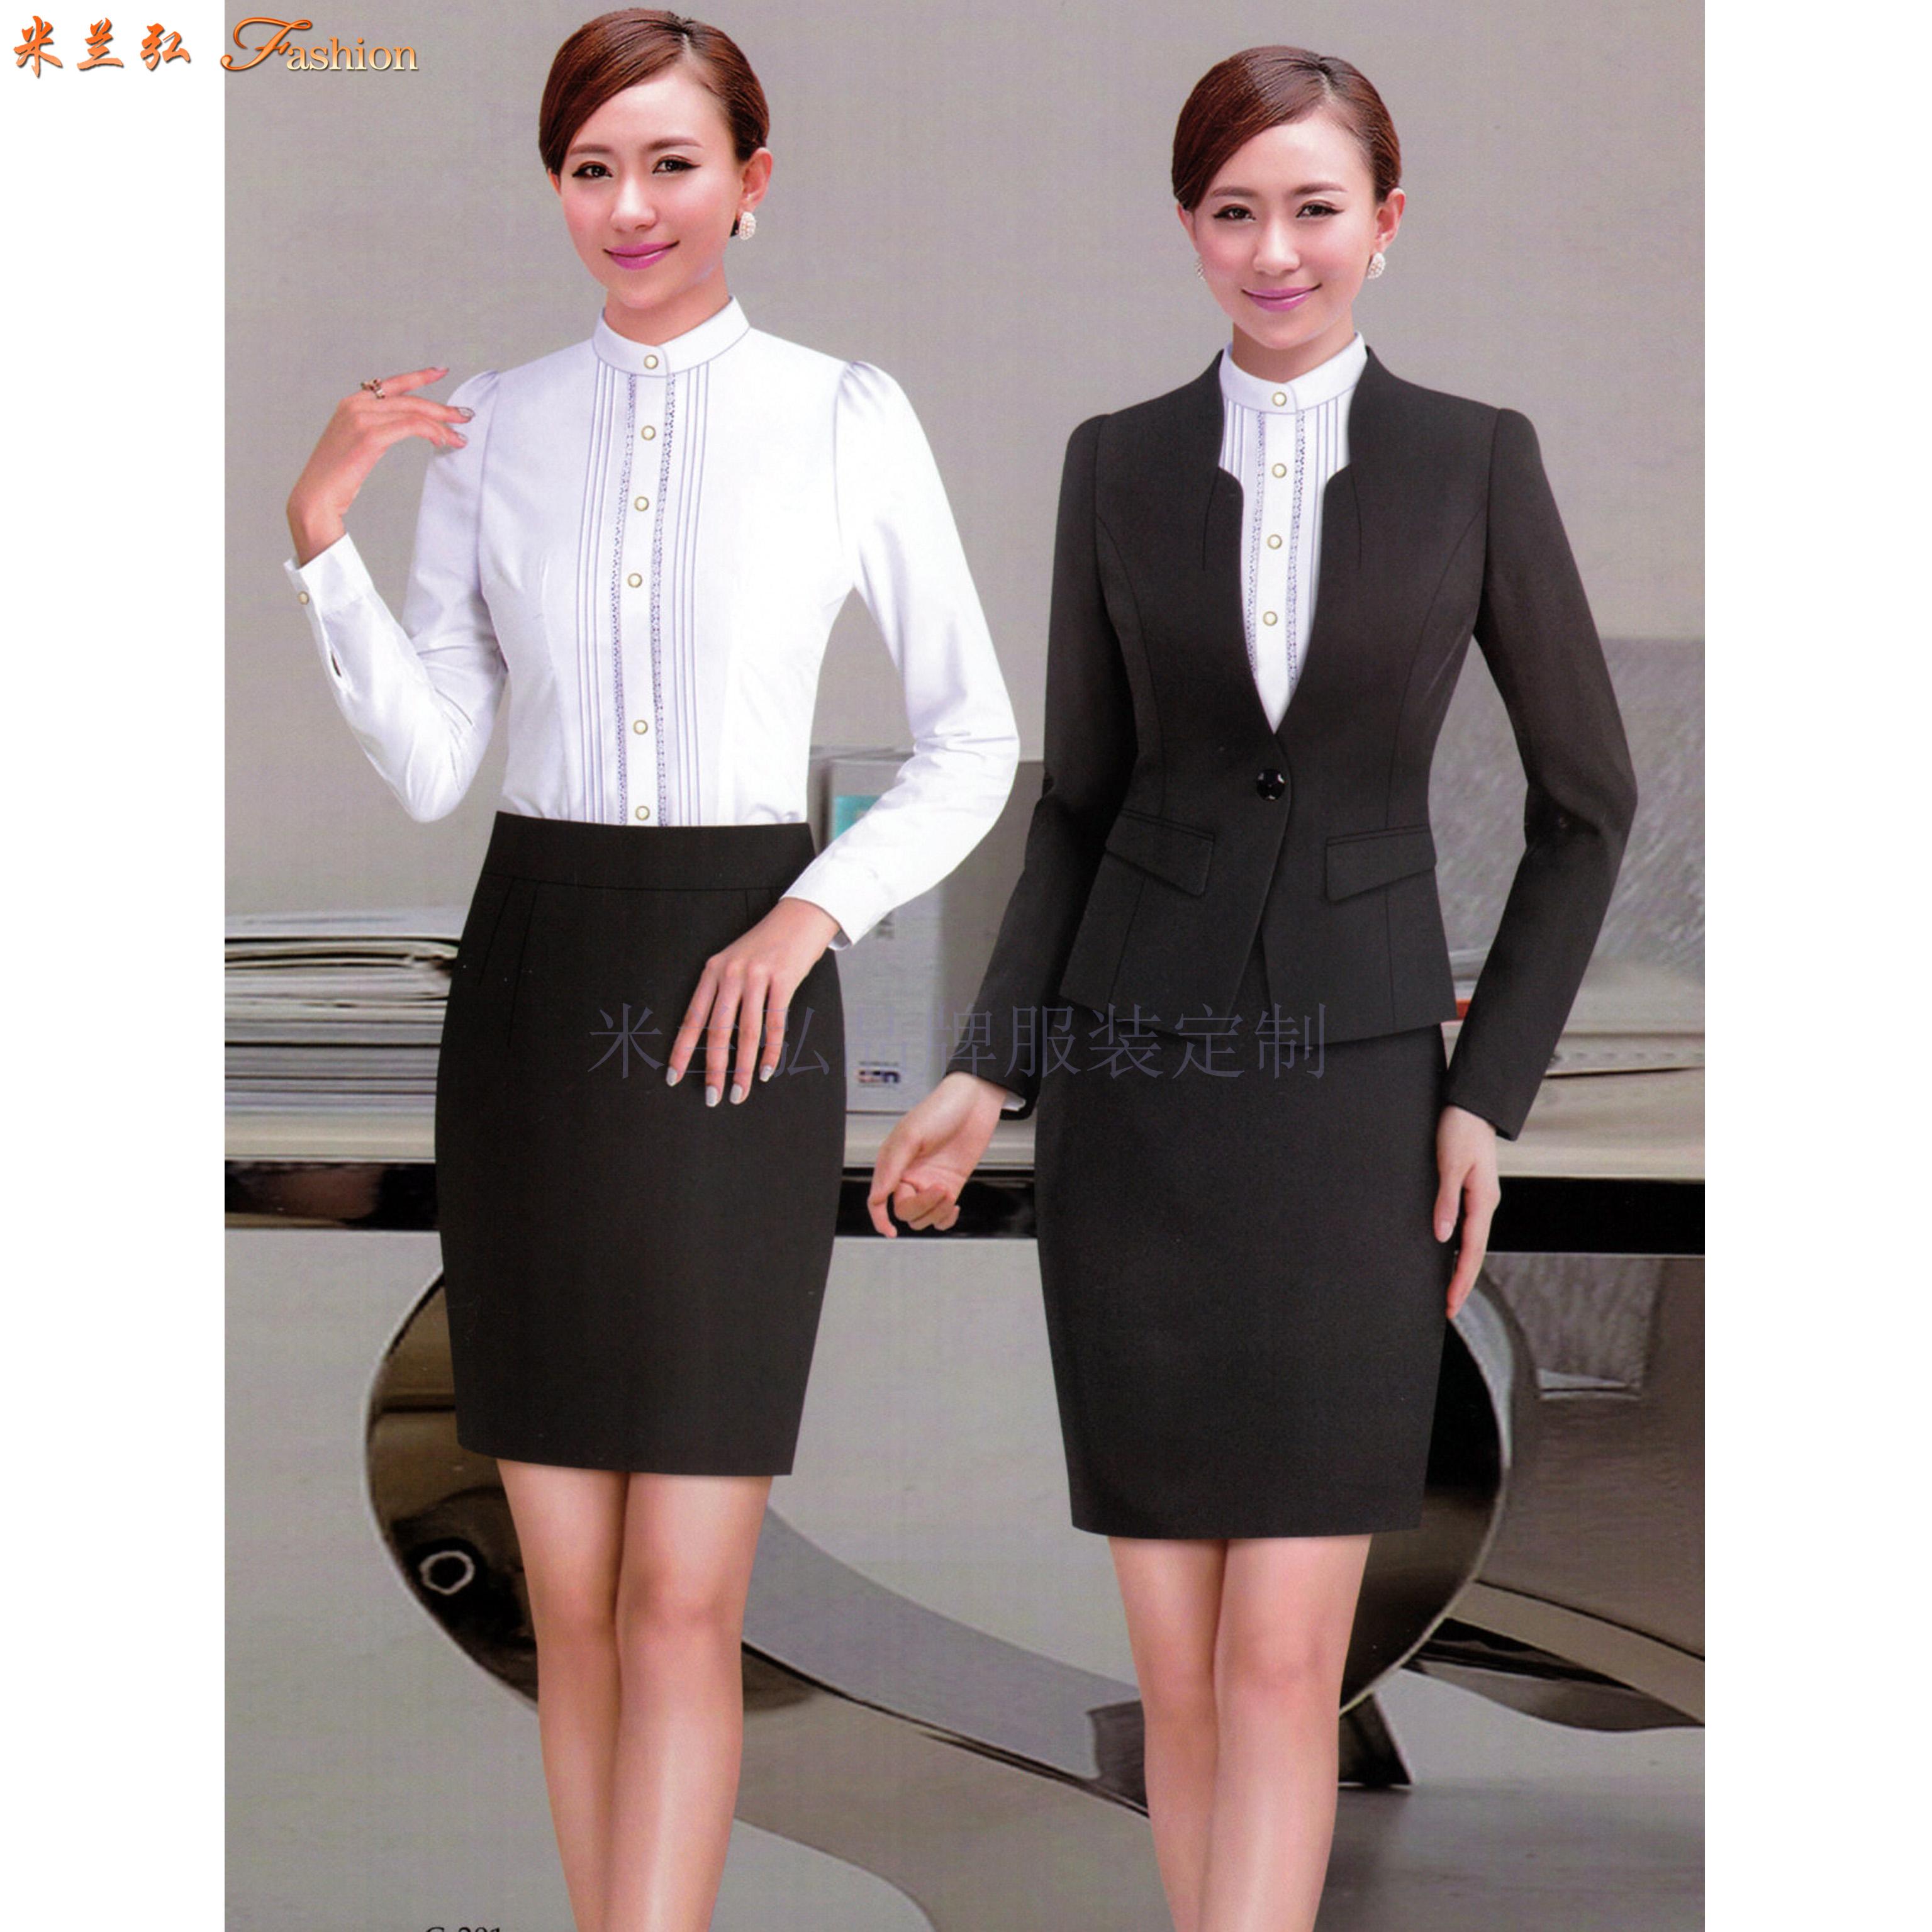 北京西服定制工廠-廠家直銷西服-米蘭弘服裝-3